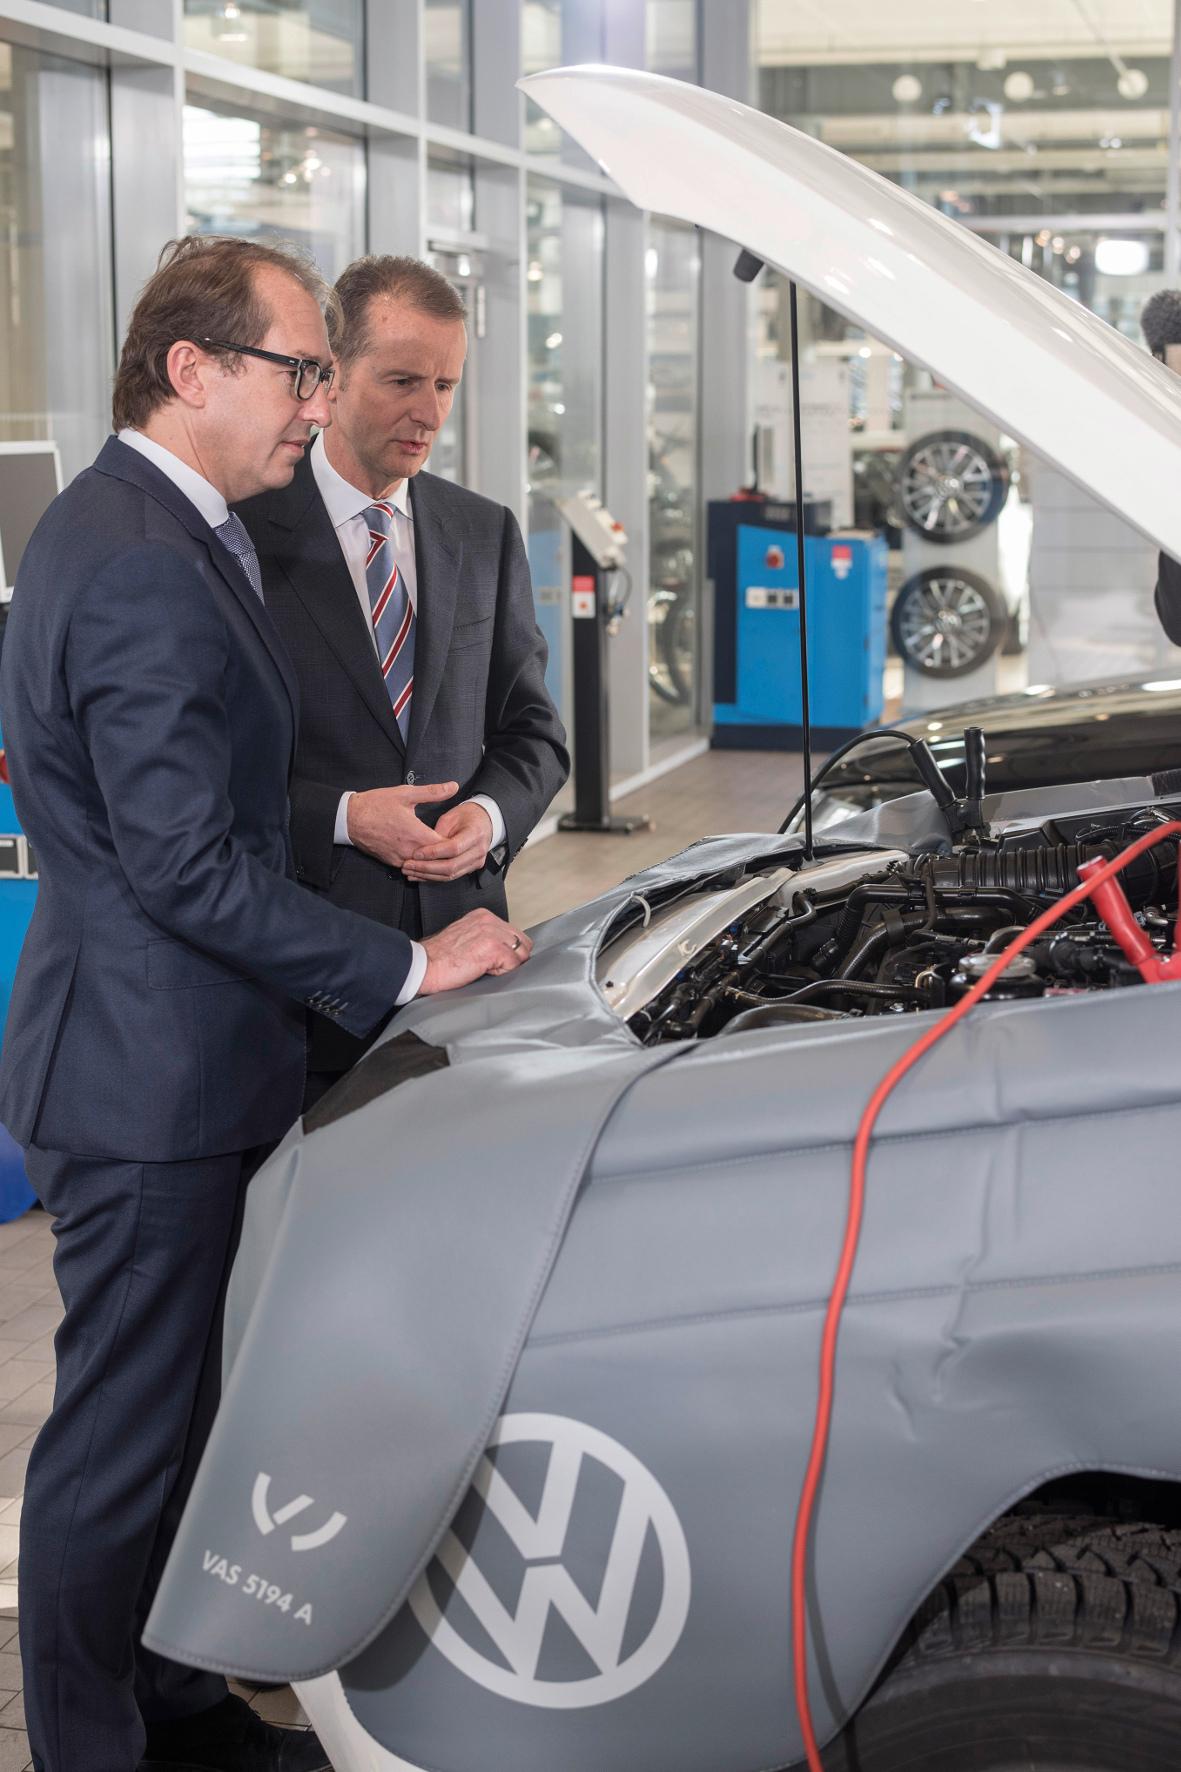 mid Groß-Gerau - Nach der Abgas-Affäre nimmt Verkehrsminister Alexander Dobrindt (links) die Hersteller in die Pflicht. Hier informiert er sich bei Dr. Herbert Diess, Vorstandsvorsitzender der Marke Volkswagen Pkw, aus erster Hand.